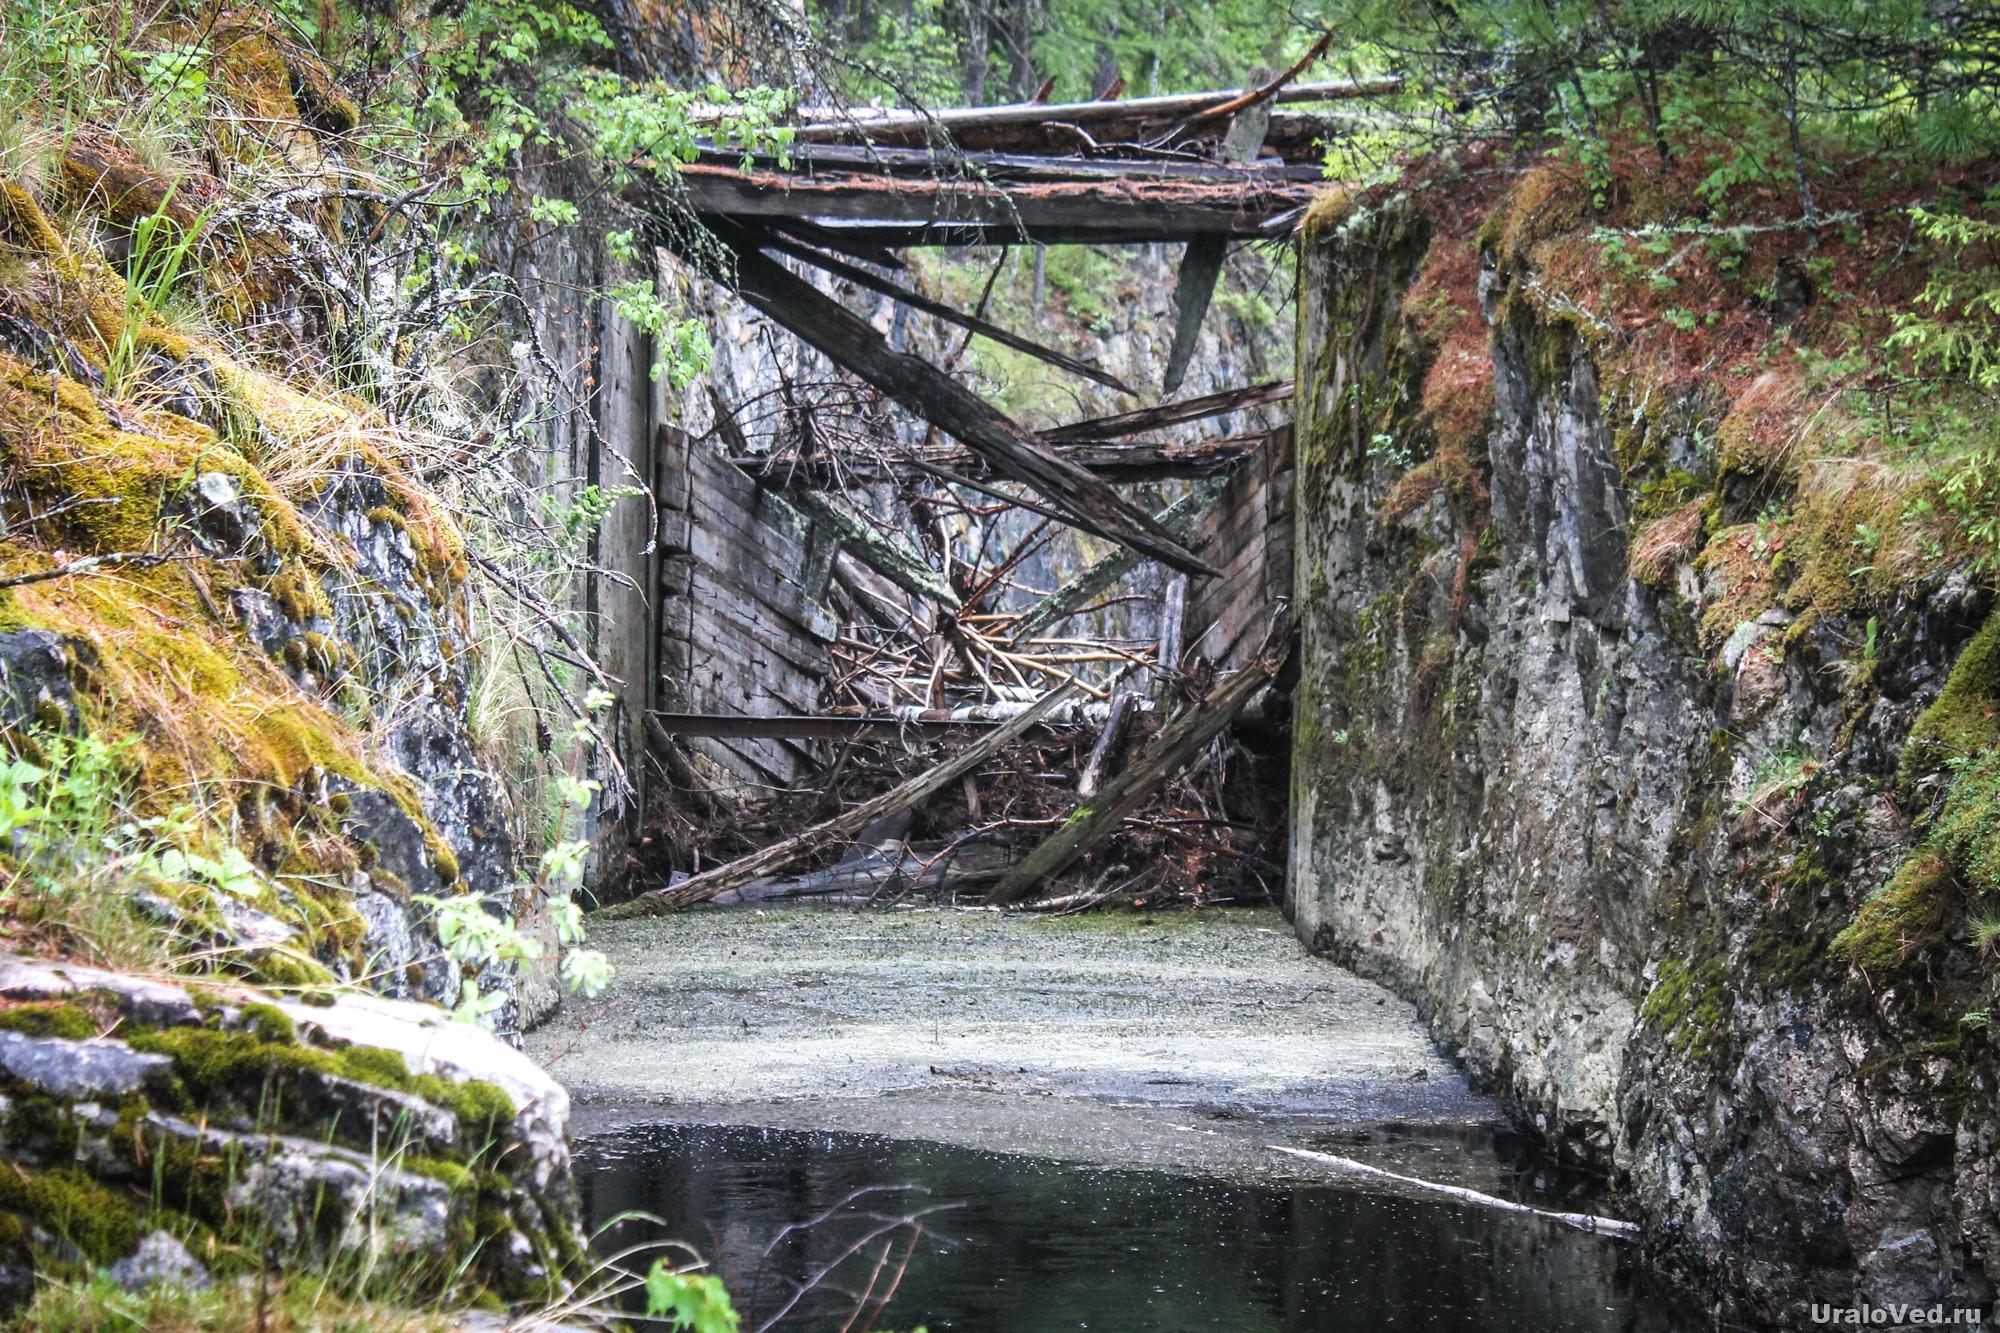 Канал на реке Талица, пробитый узниками Ивдельлага